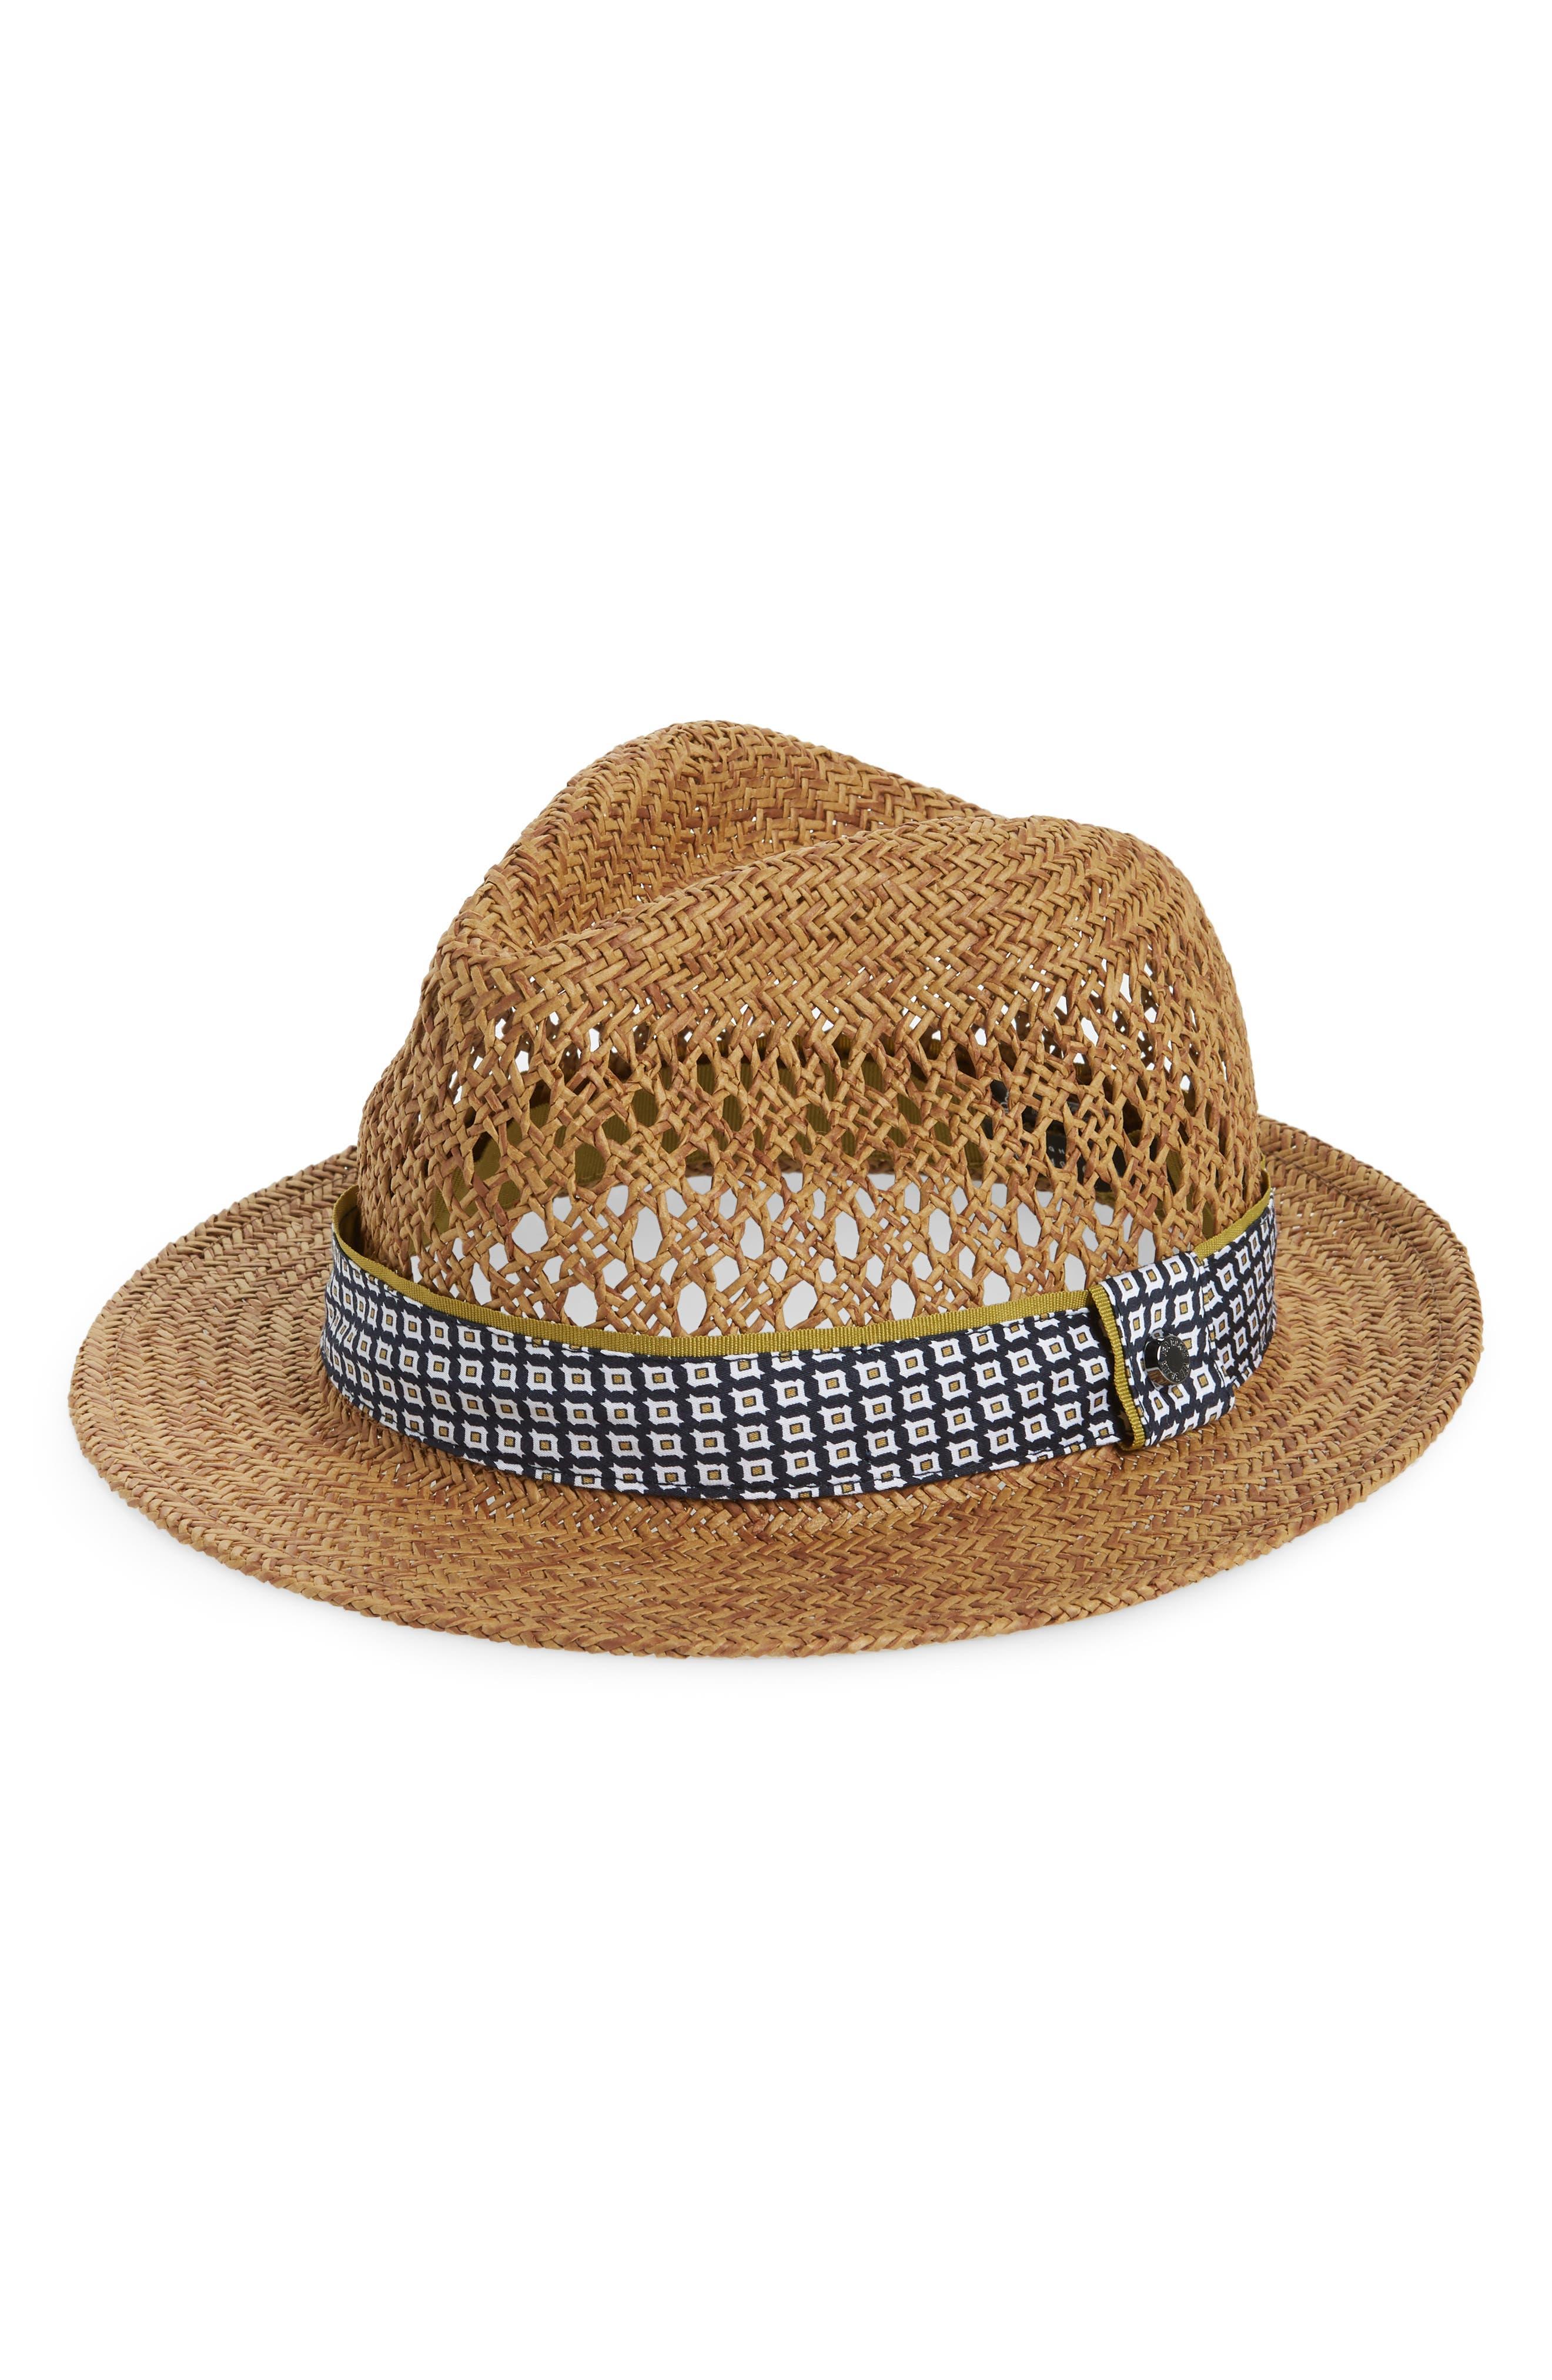 Harlow Straw Hat,                             Main thumbnail 1, color,                             Natural